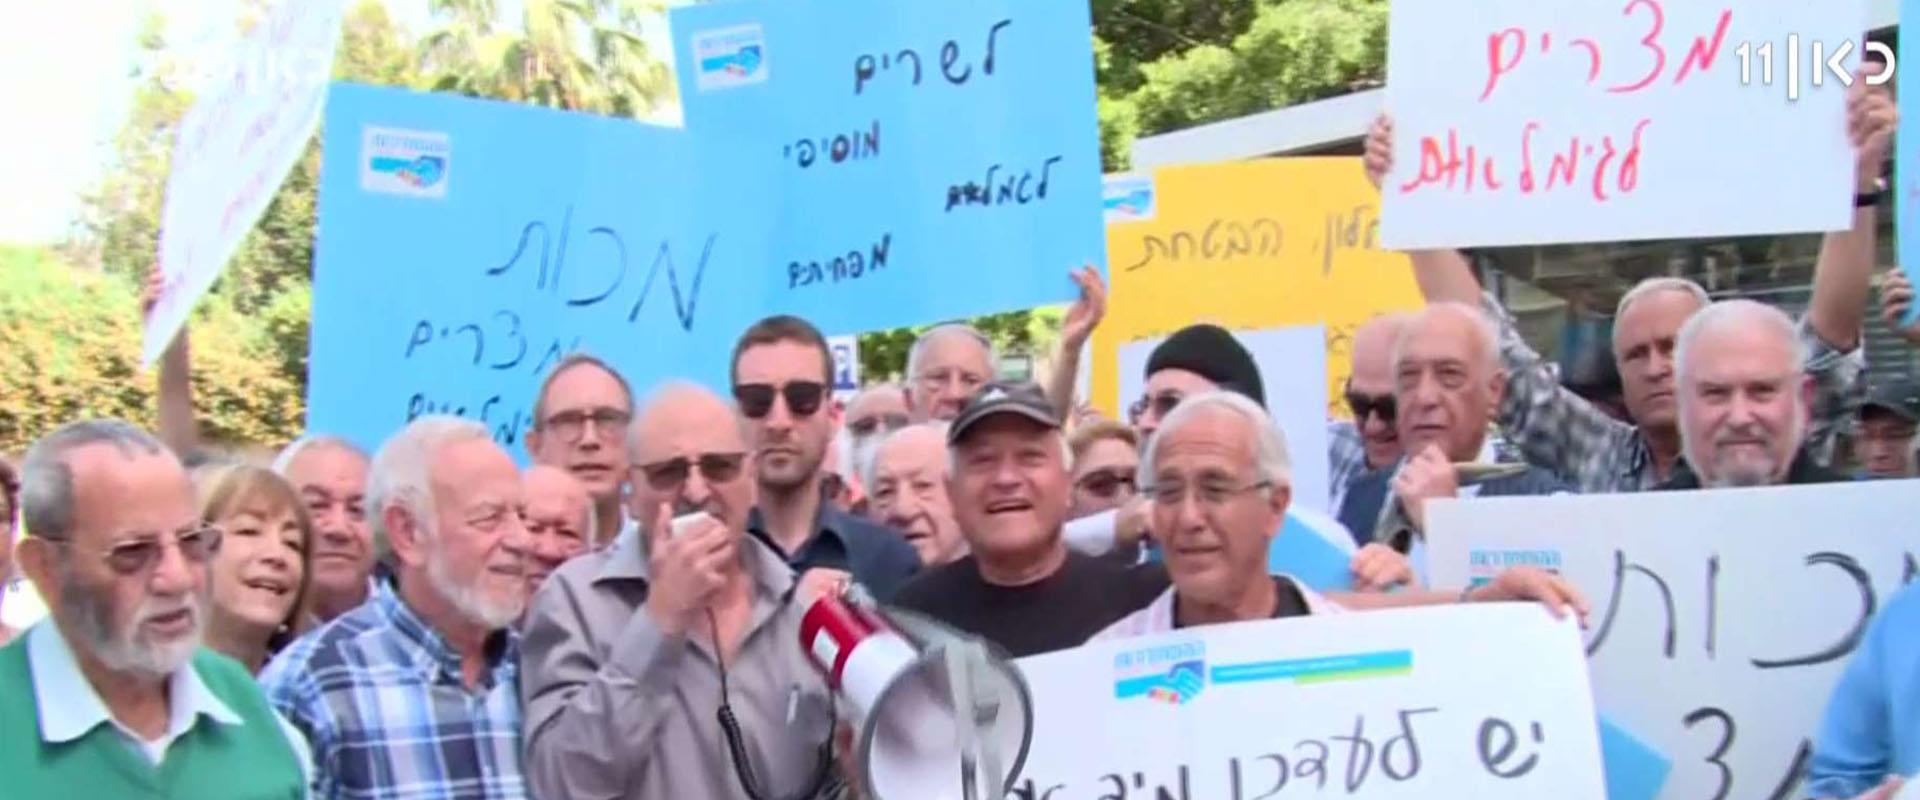 גמלאים מפגינים נגד הקיצוץ